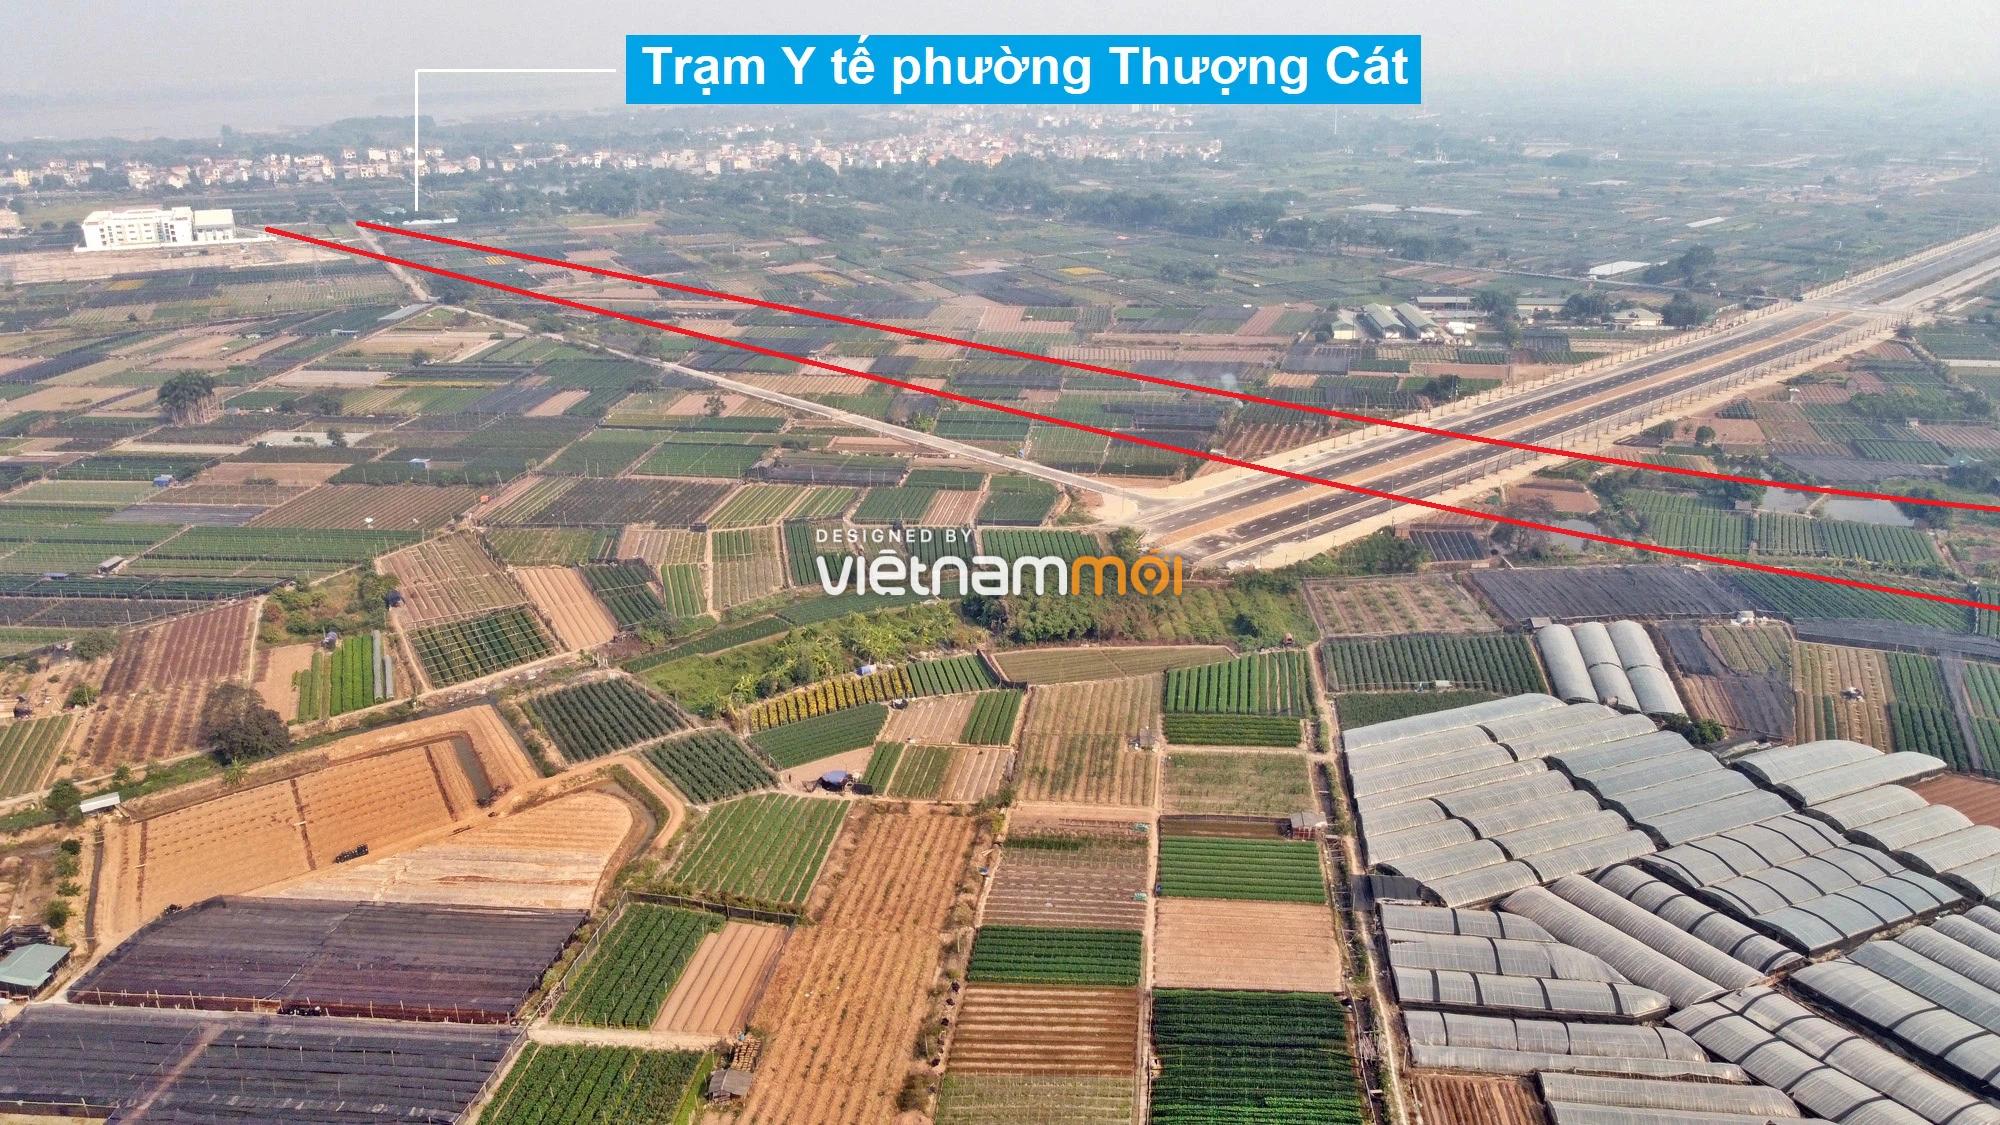 Đường Vành đai 3,5 sẽ mở theo quy hoạch qua quận Bắc Từ Liêm, Hà Nội - Ảnh 7.